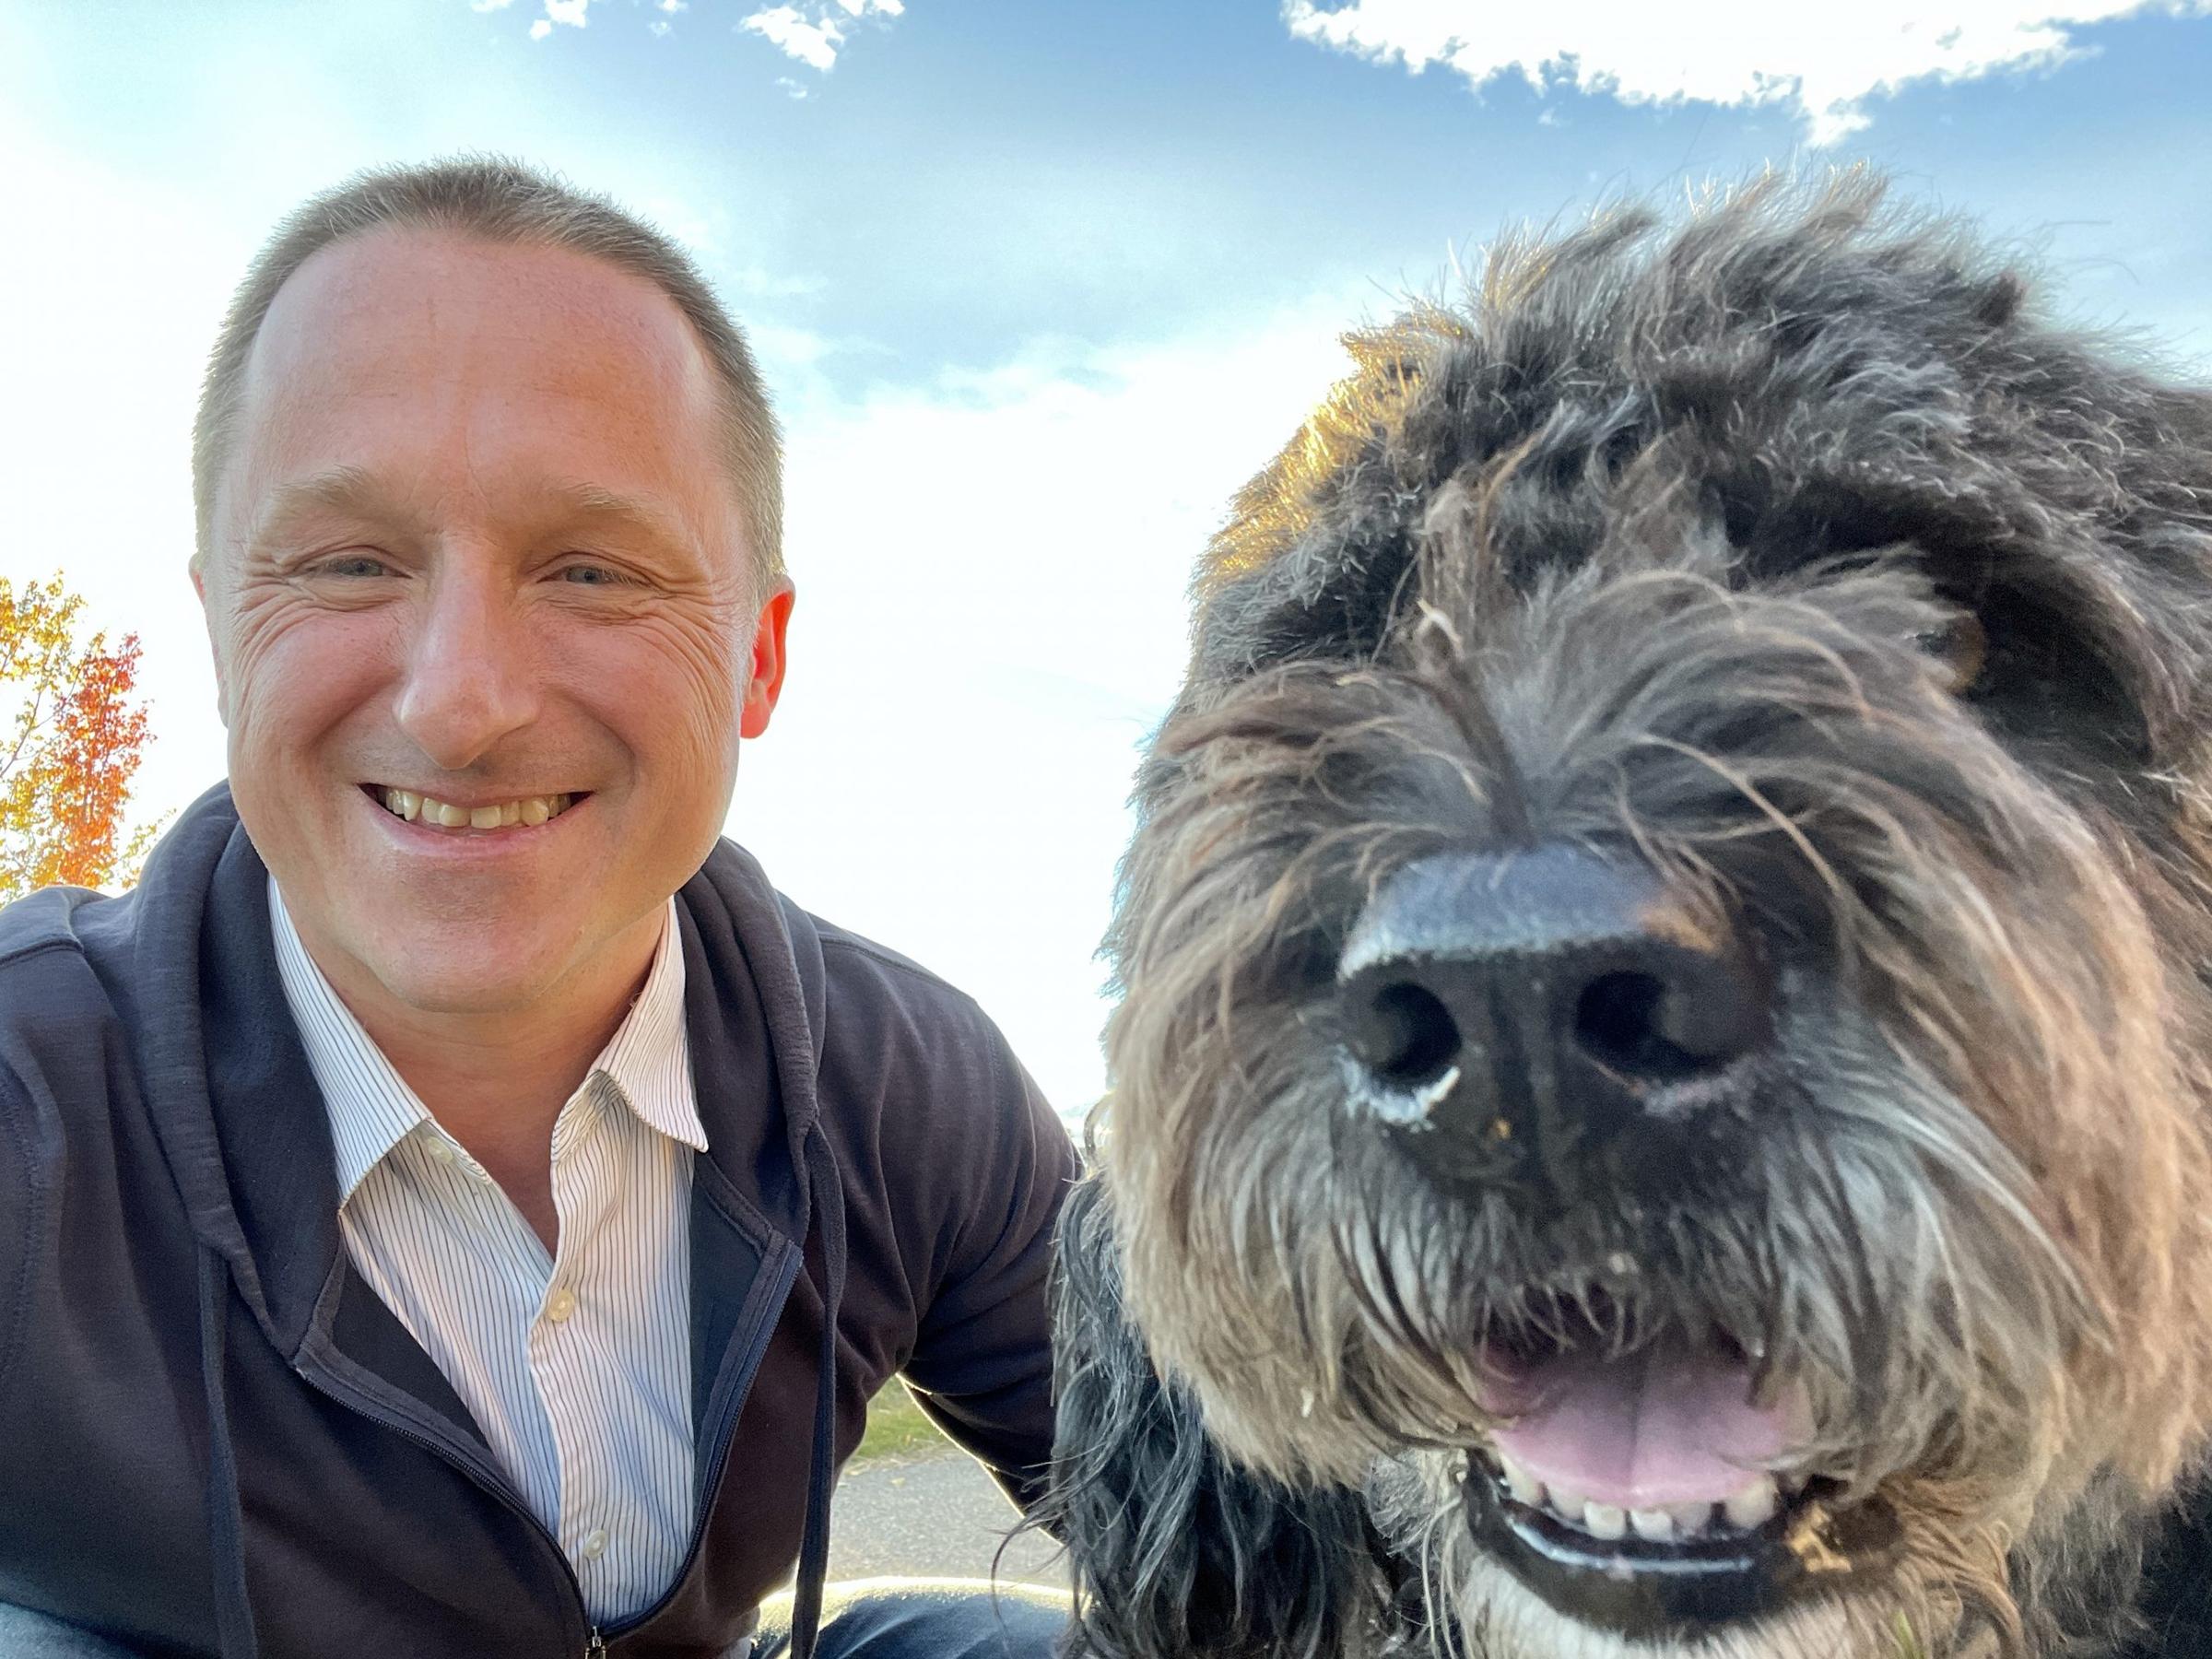 Michael Spavor chụp ảnh cùng chó cưng sau khi trở về Canada. Ảnh: Bộ Các vấn đề Toàn cầu Canada.